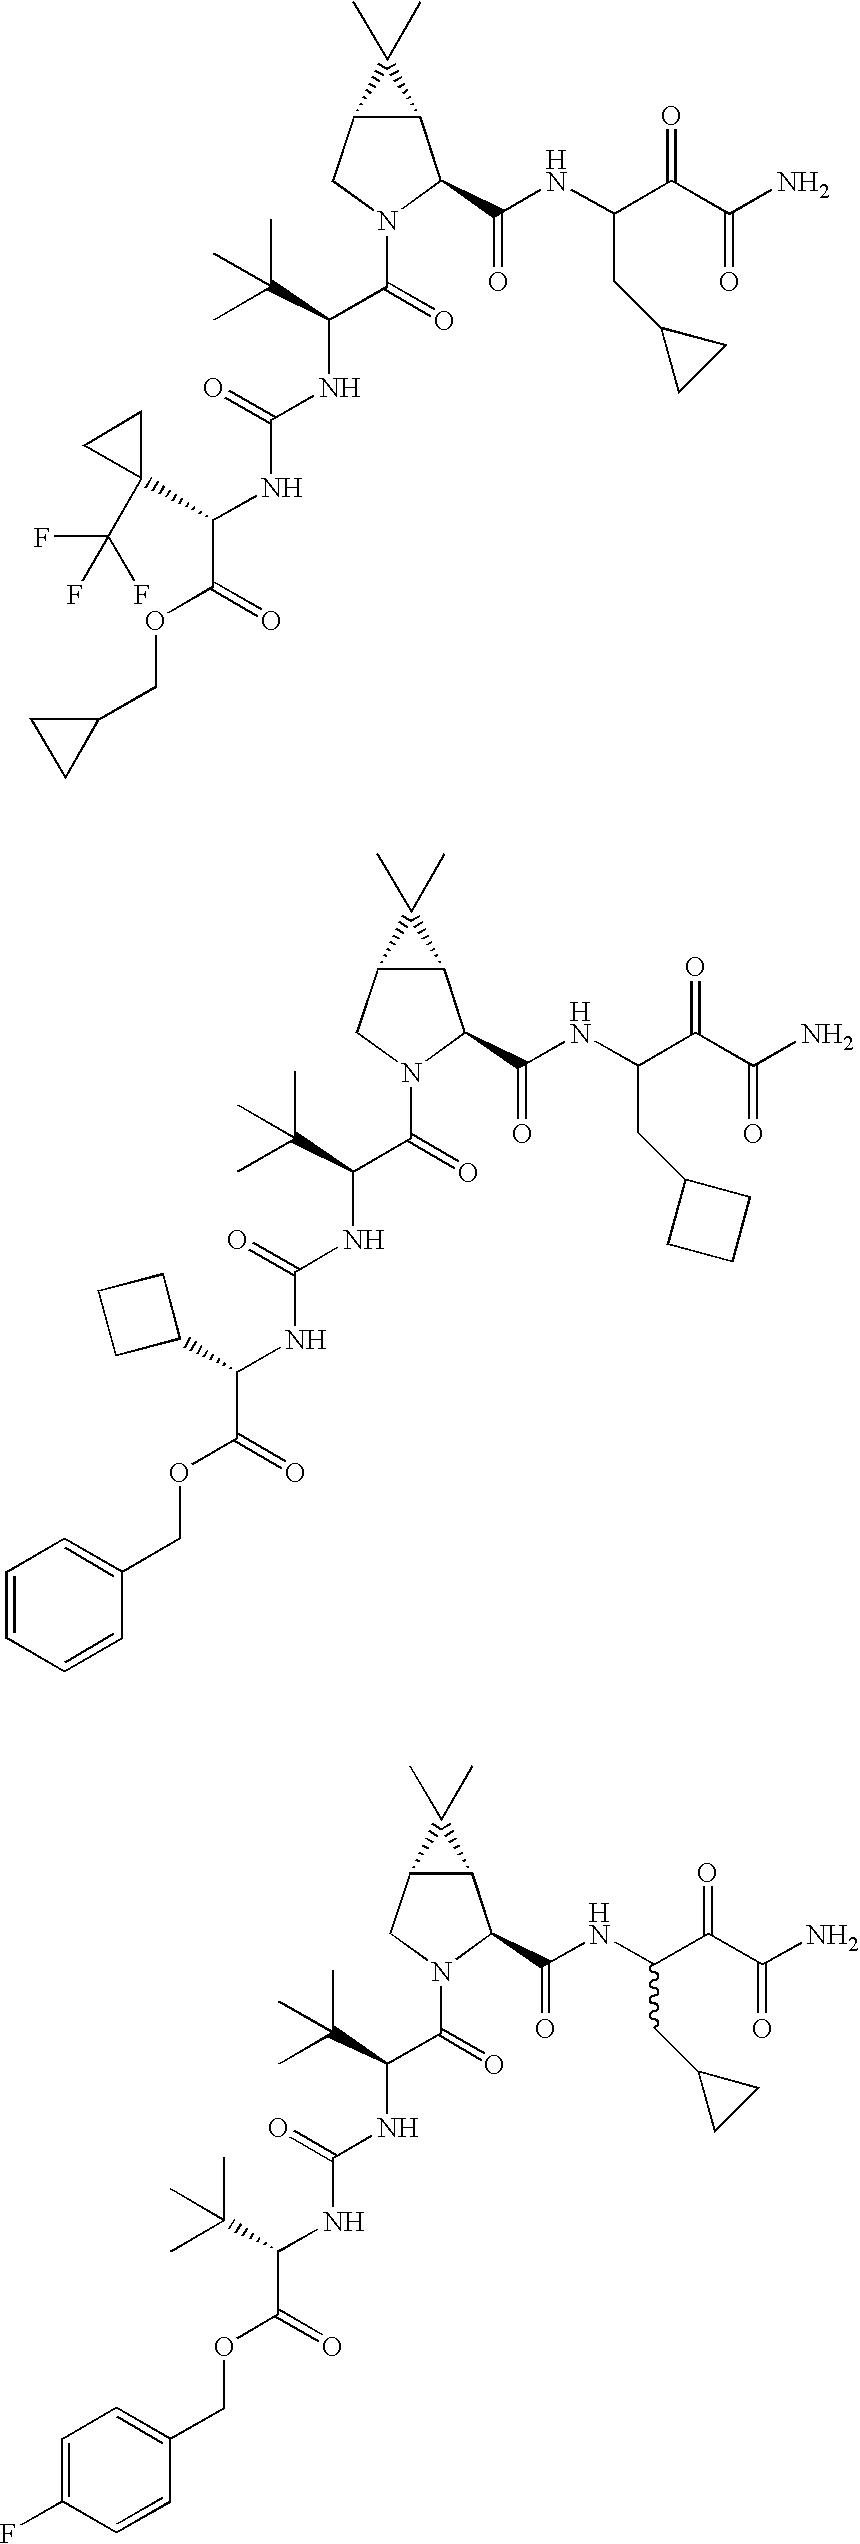 Figure US20060287248A1-20061221-C00256